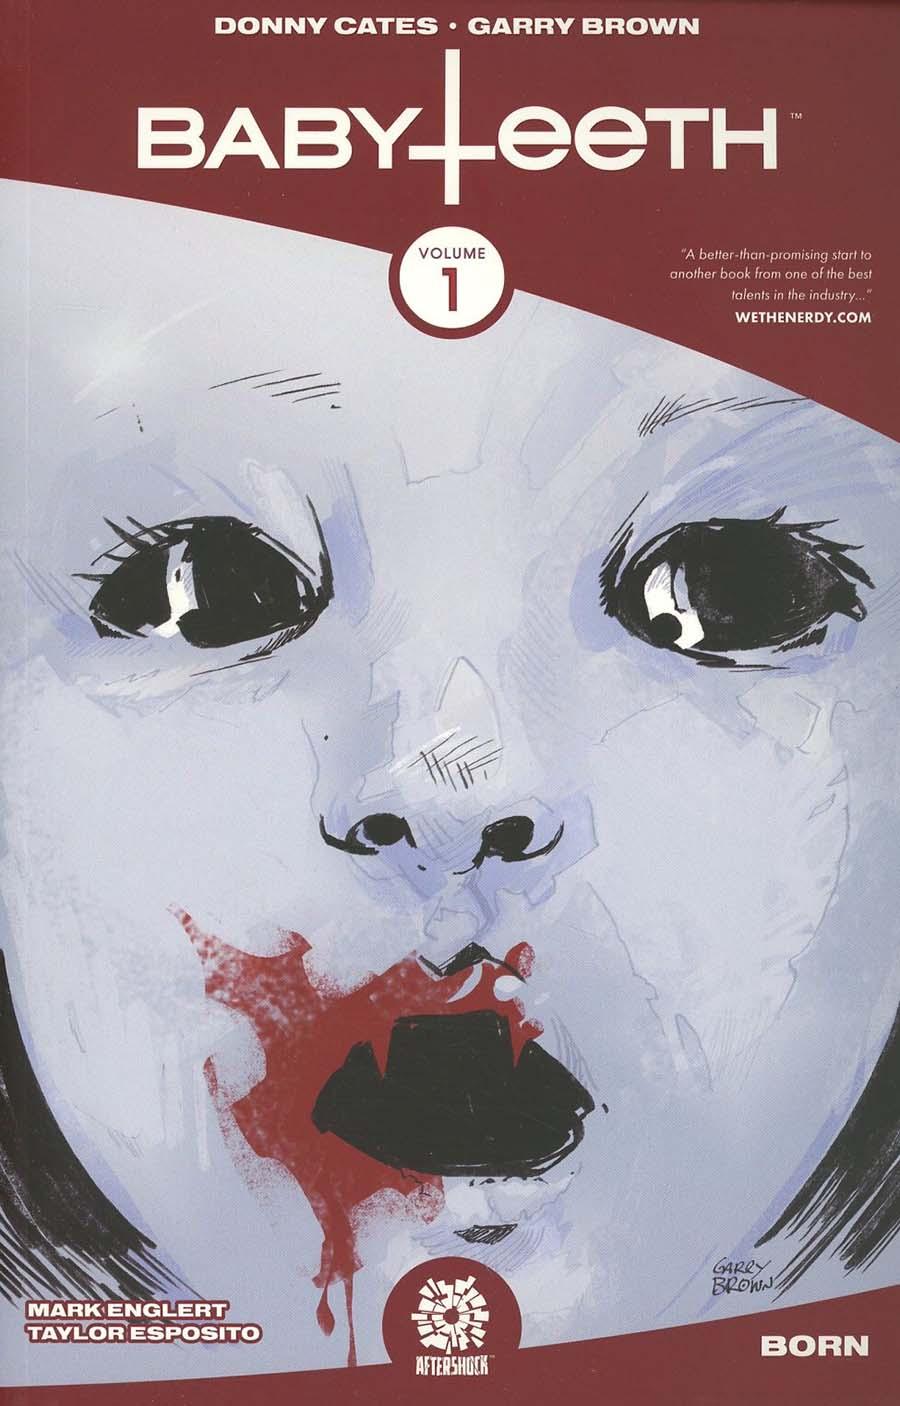 Babyteeth Vol 1 Born TP